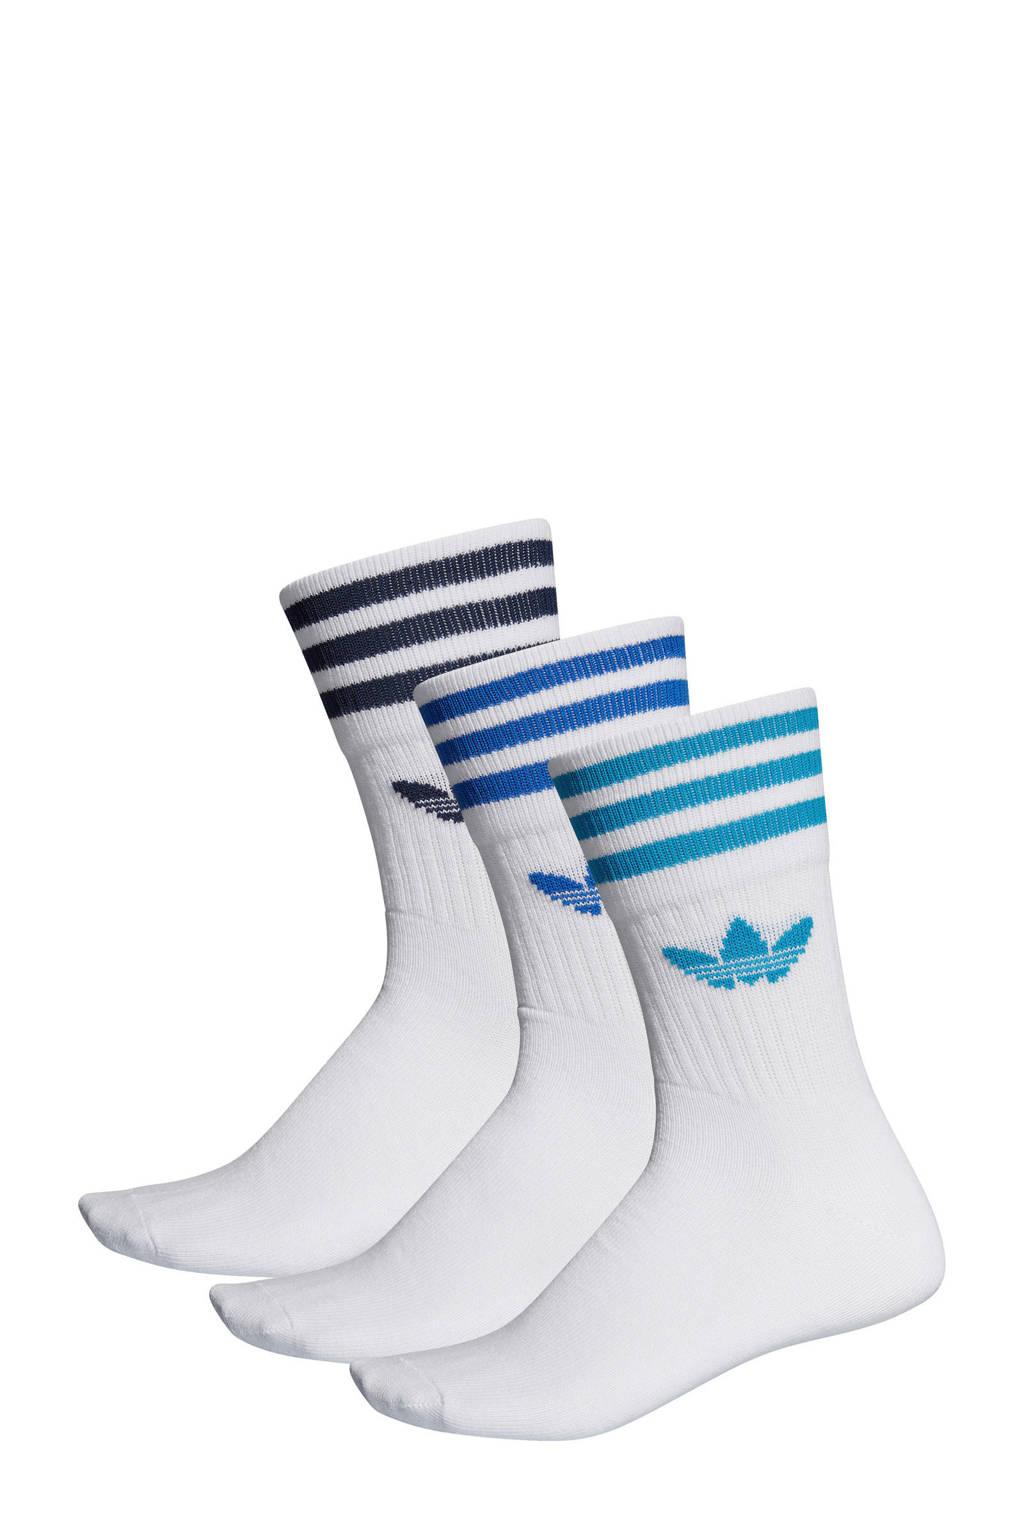 adidas originals   sokken (set van 3 paar), Wit/turquoise/blauw/donkerblauw